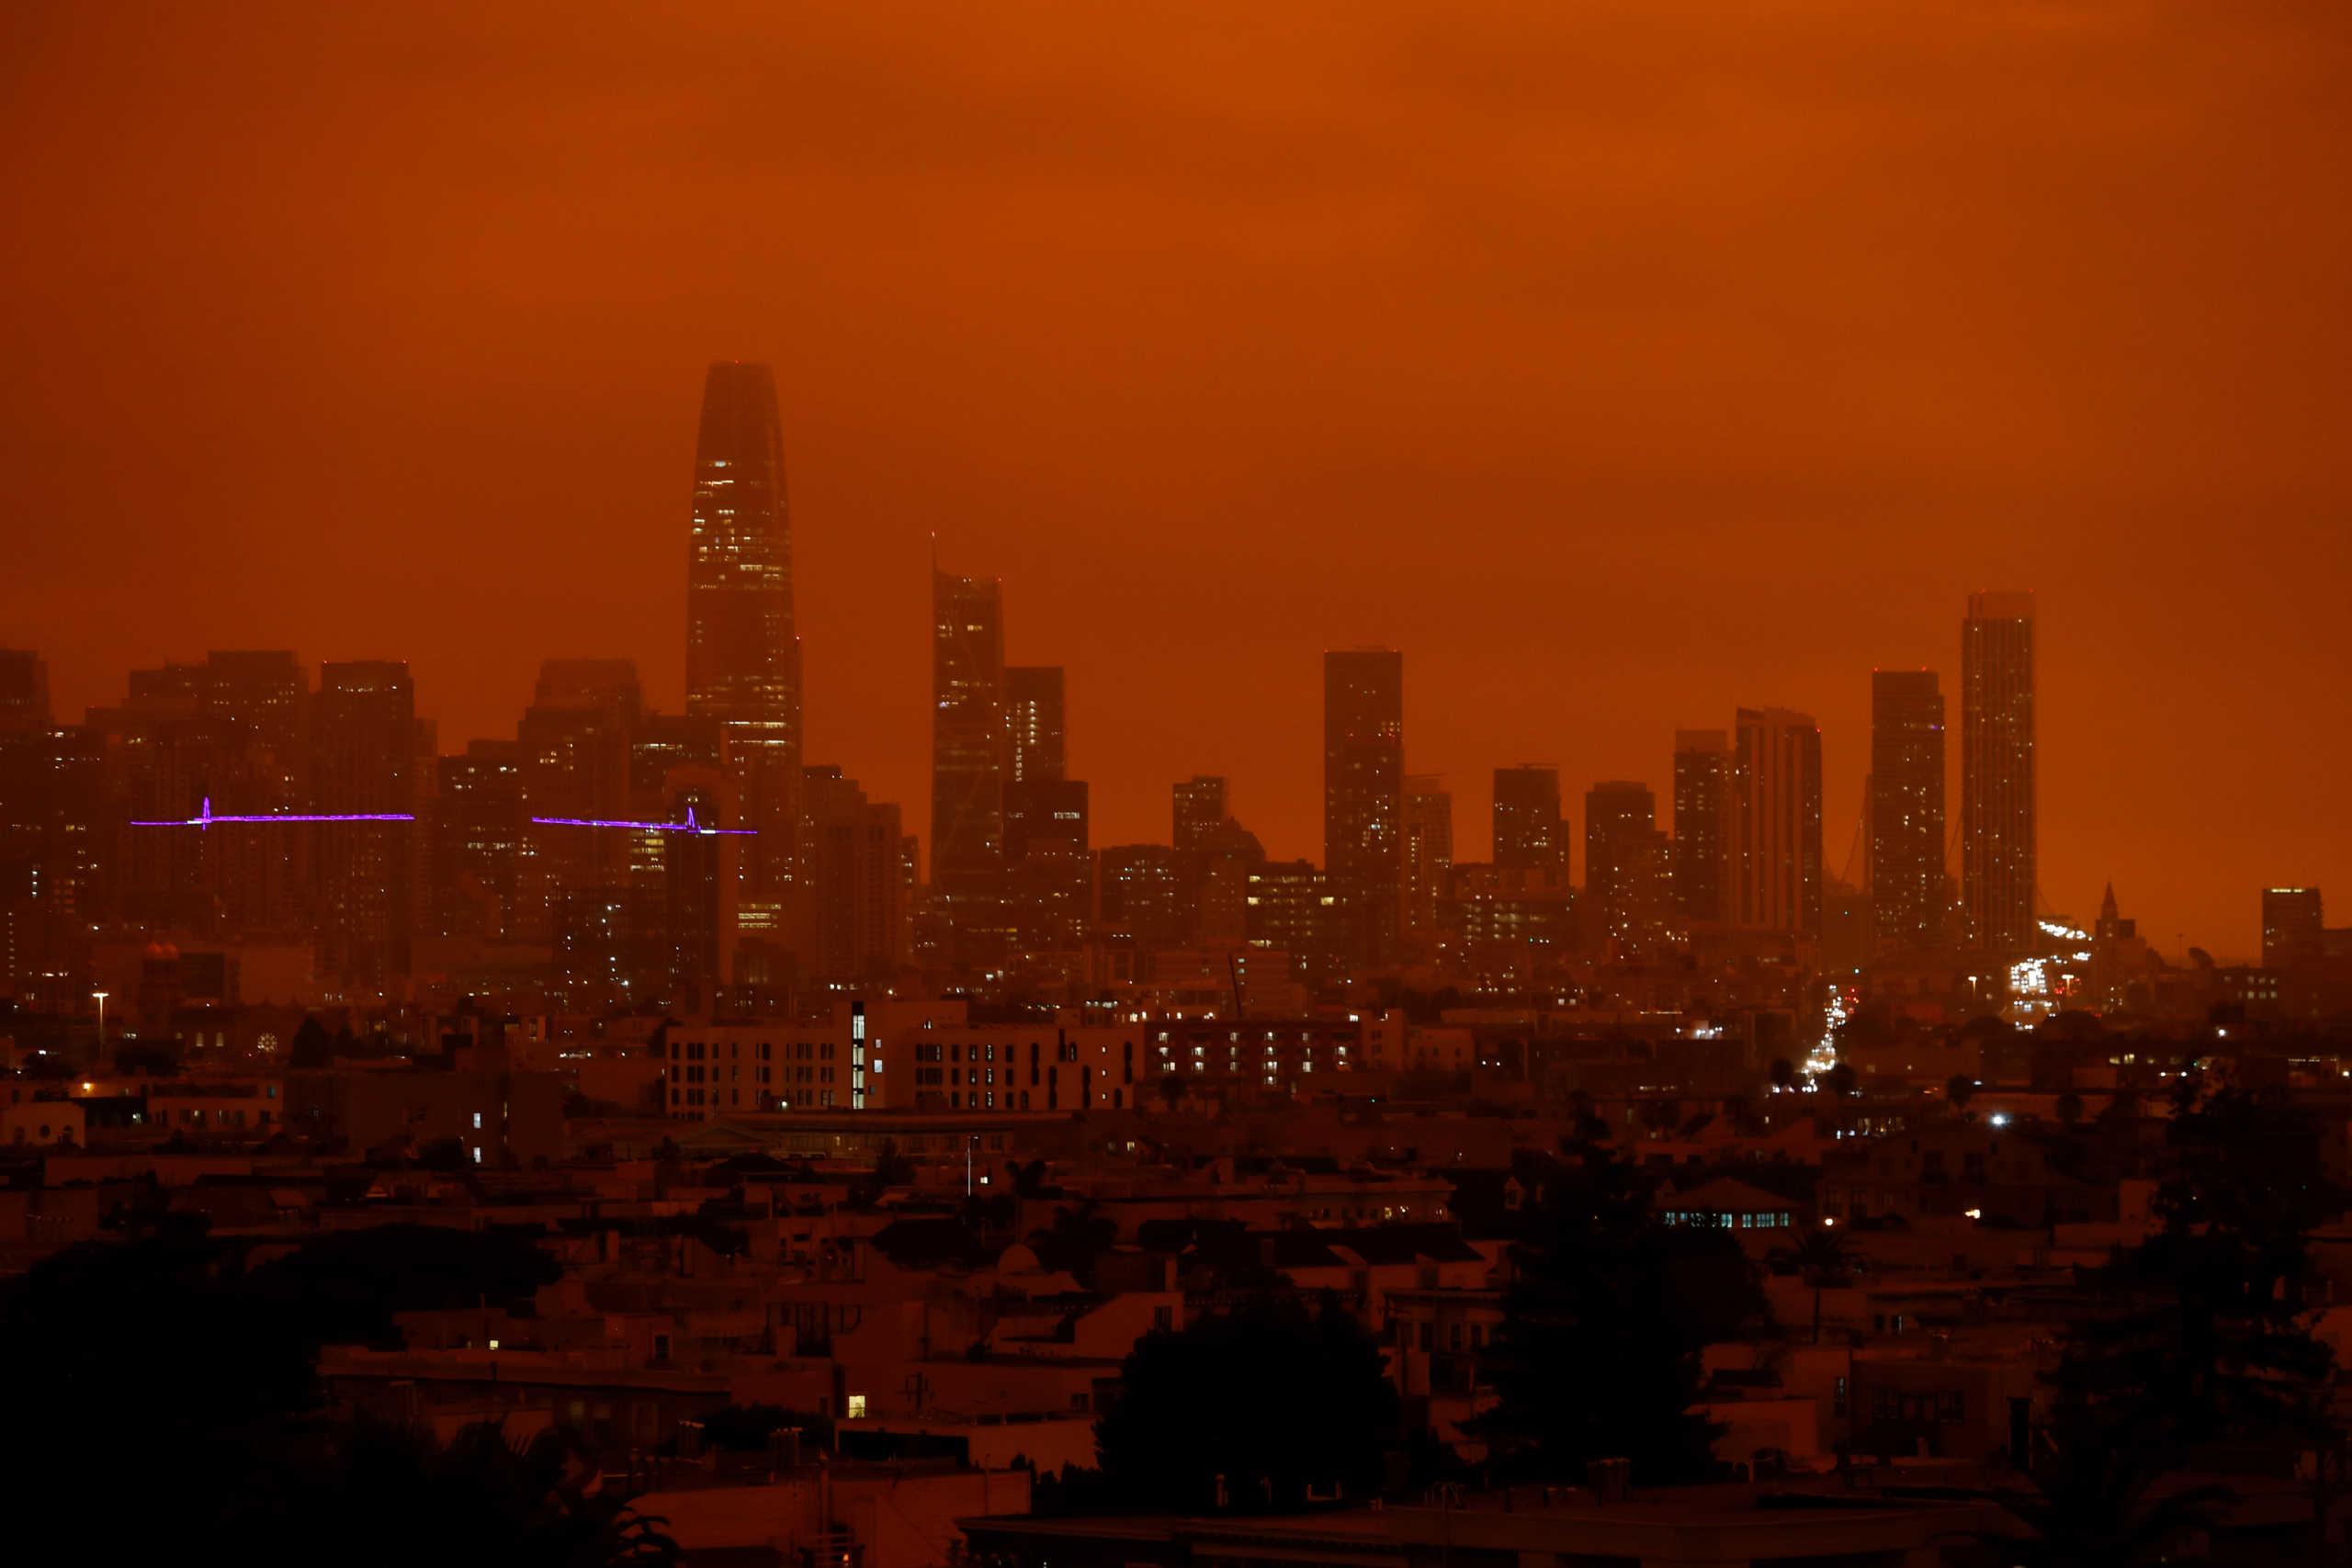 Η κόλαση του Δάντη σε Καλιφόρνια και Όρεγκον! Μωράκι 1 έτους ανάμεσα στους νεκρούς από τις τεράστιες φωτιές (pics, video)